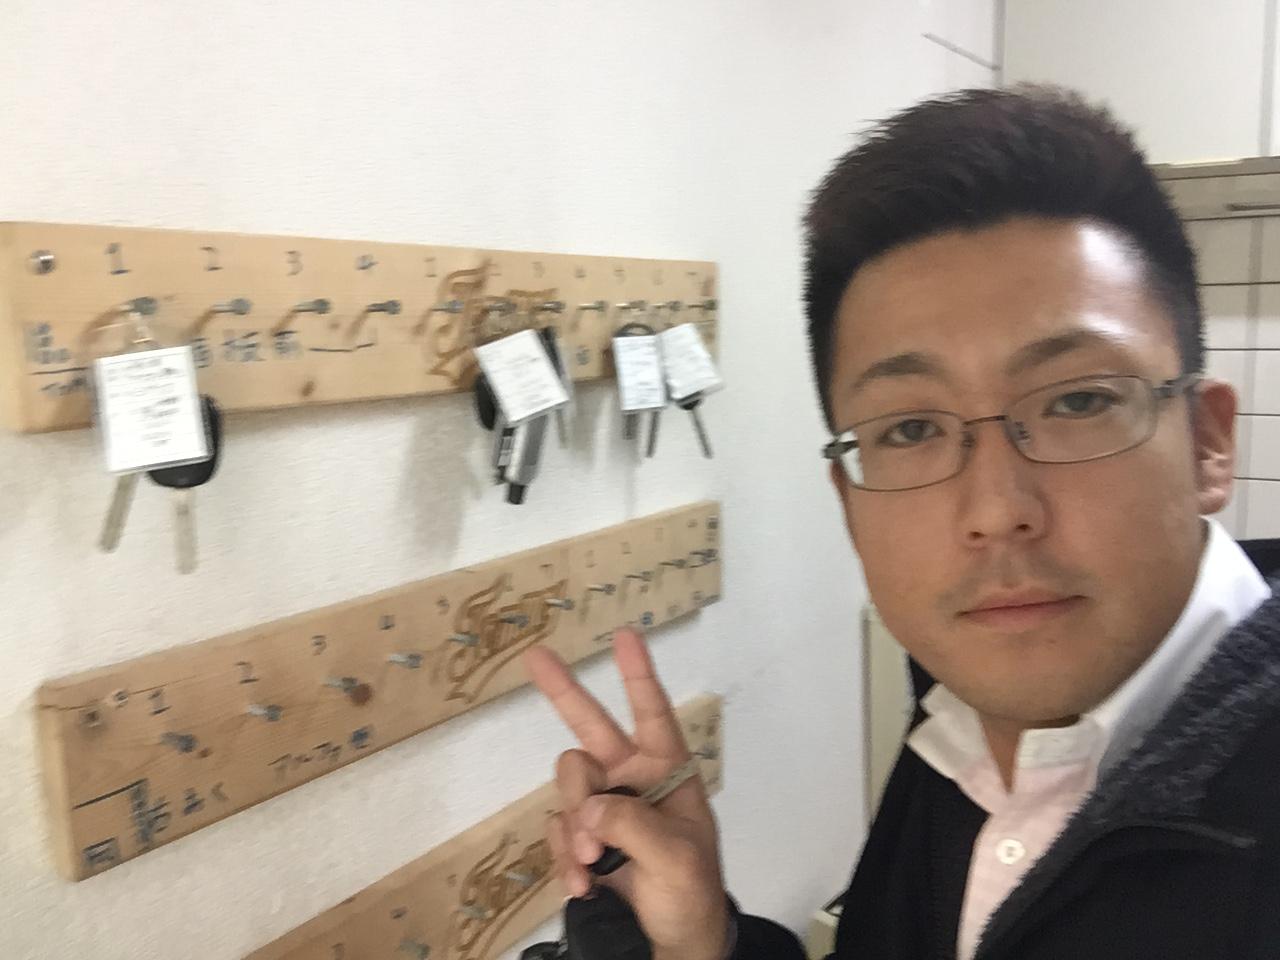 3月15日 日曜日 今日も店長のニコニコブログ!!_b0127002_205296.jpg